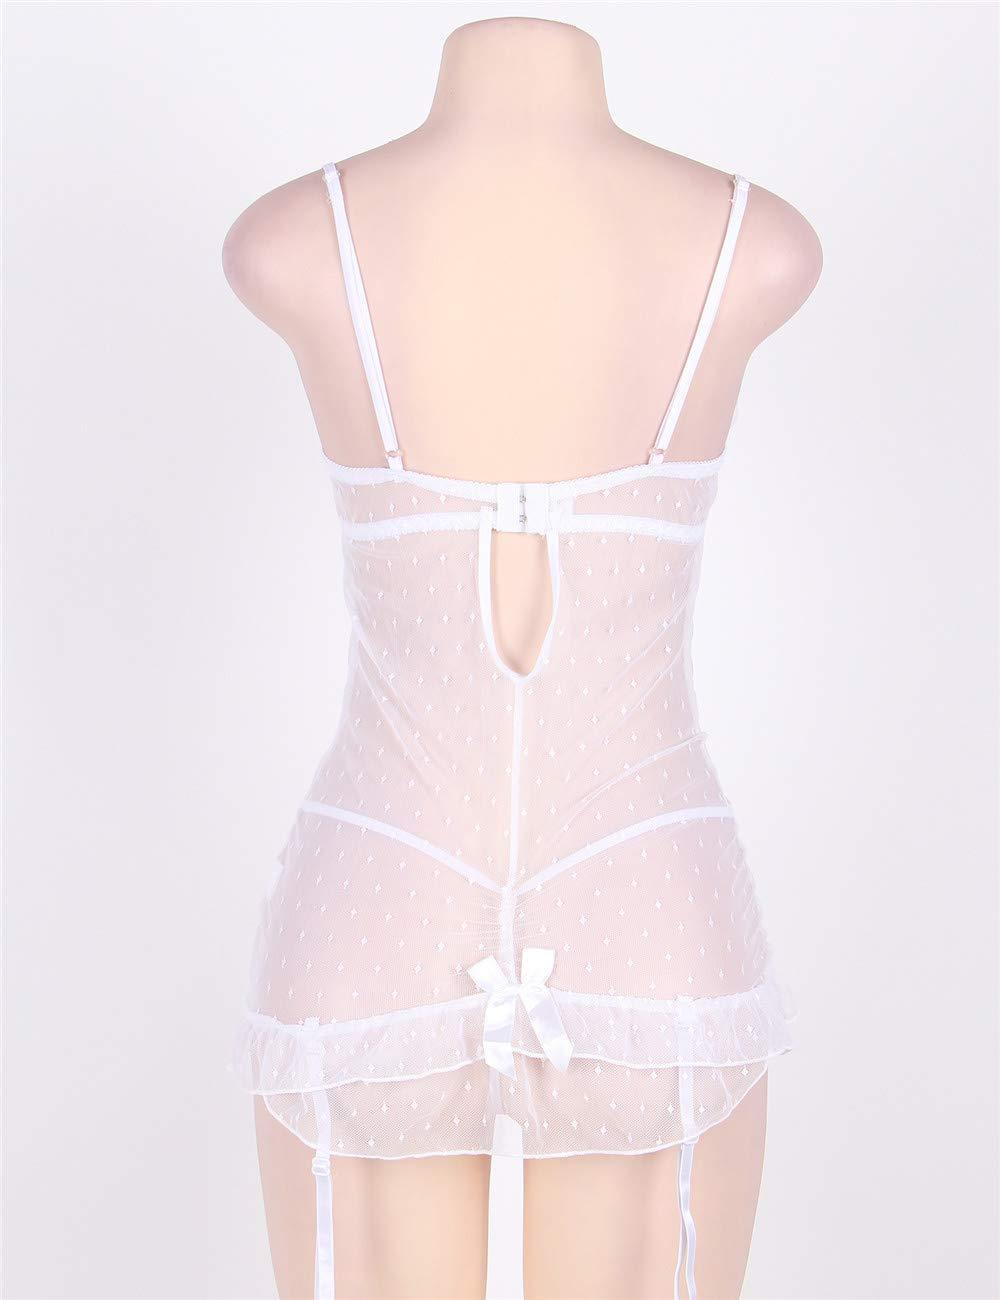 Lencería Sexy Pijamas para Mujer Lencería de Encaje Pijamas Sexy Seductora Lencería erótica Conjunto de Tanga - Múltiples Opciones de tamaño (Tamaño : 5XL) 1d90dd